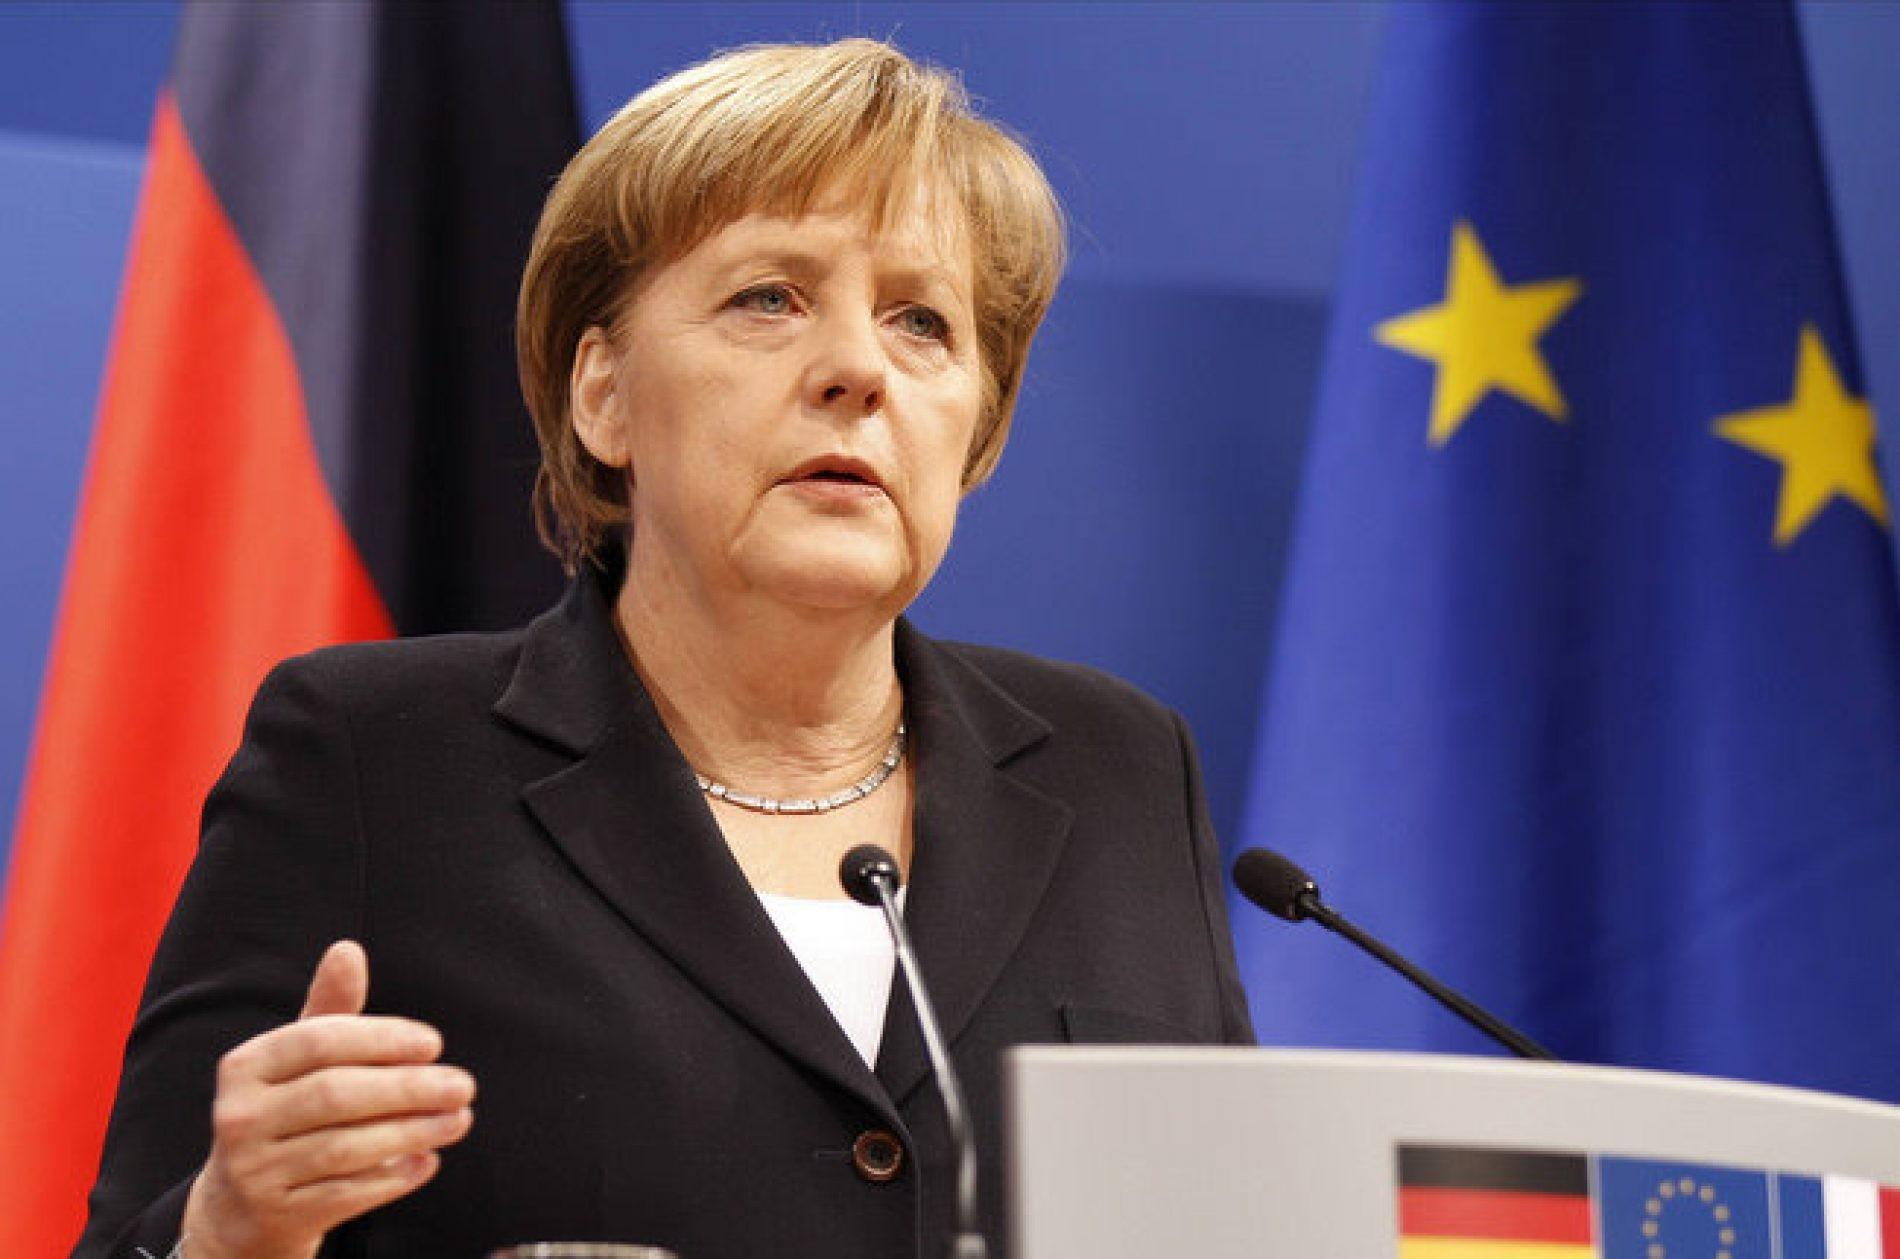 Канцлера ФРГ Ангелу Меркель забросали помидорами